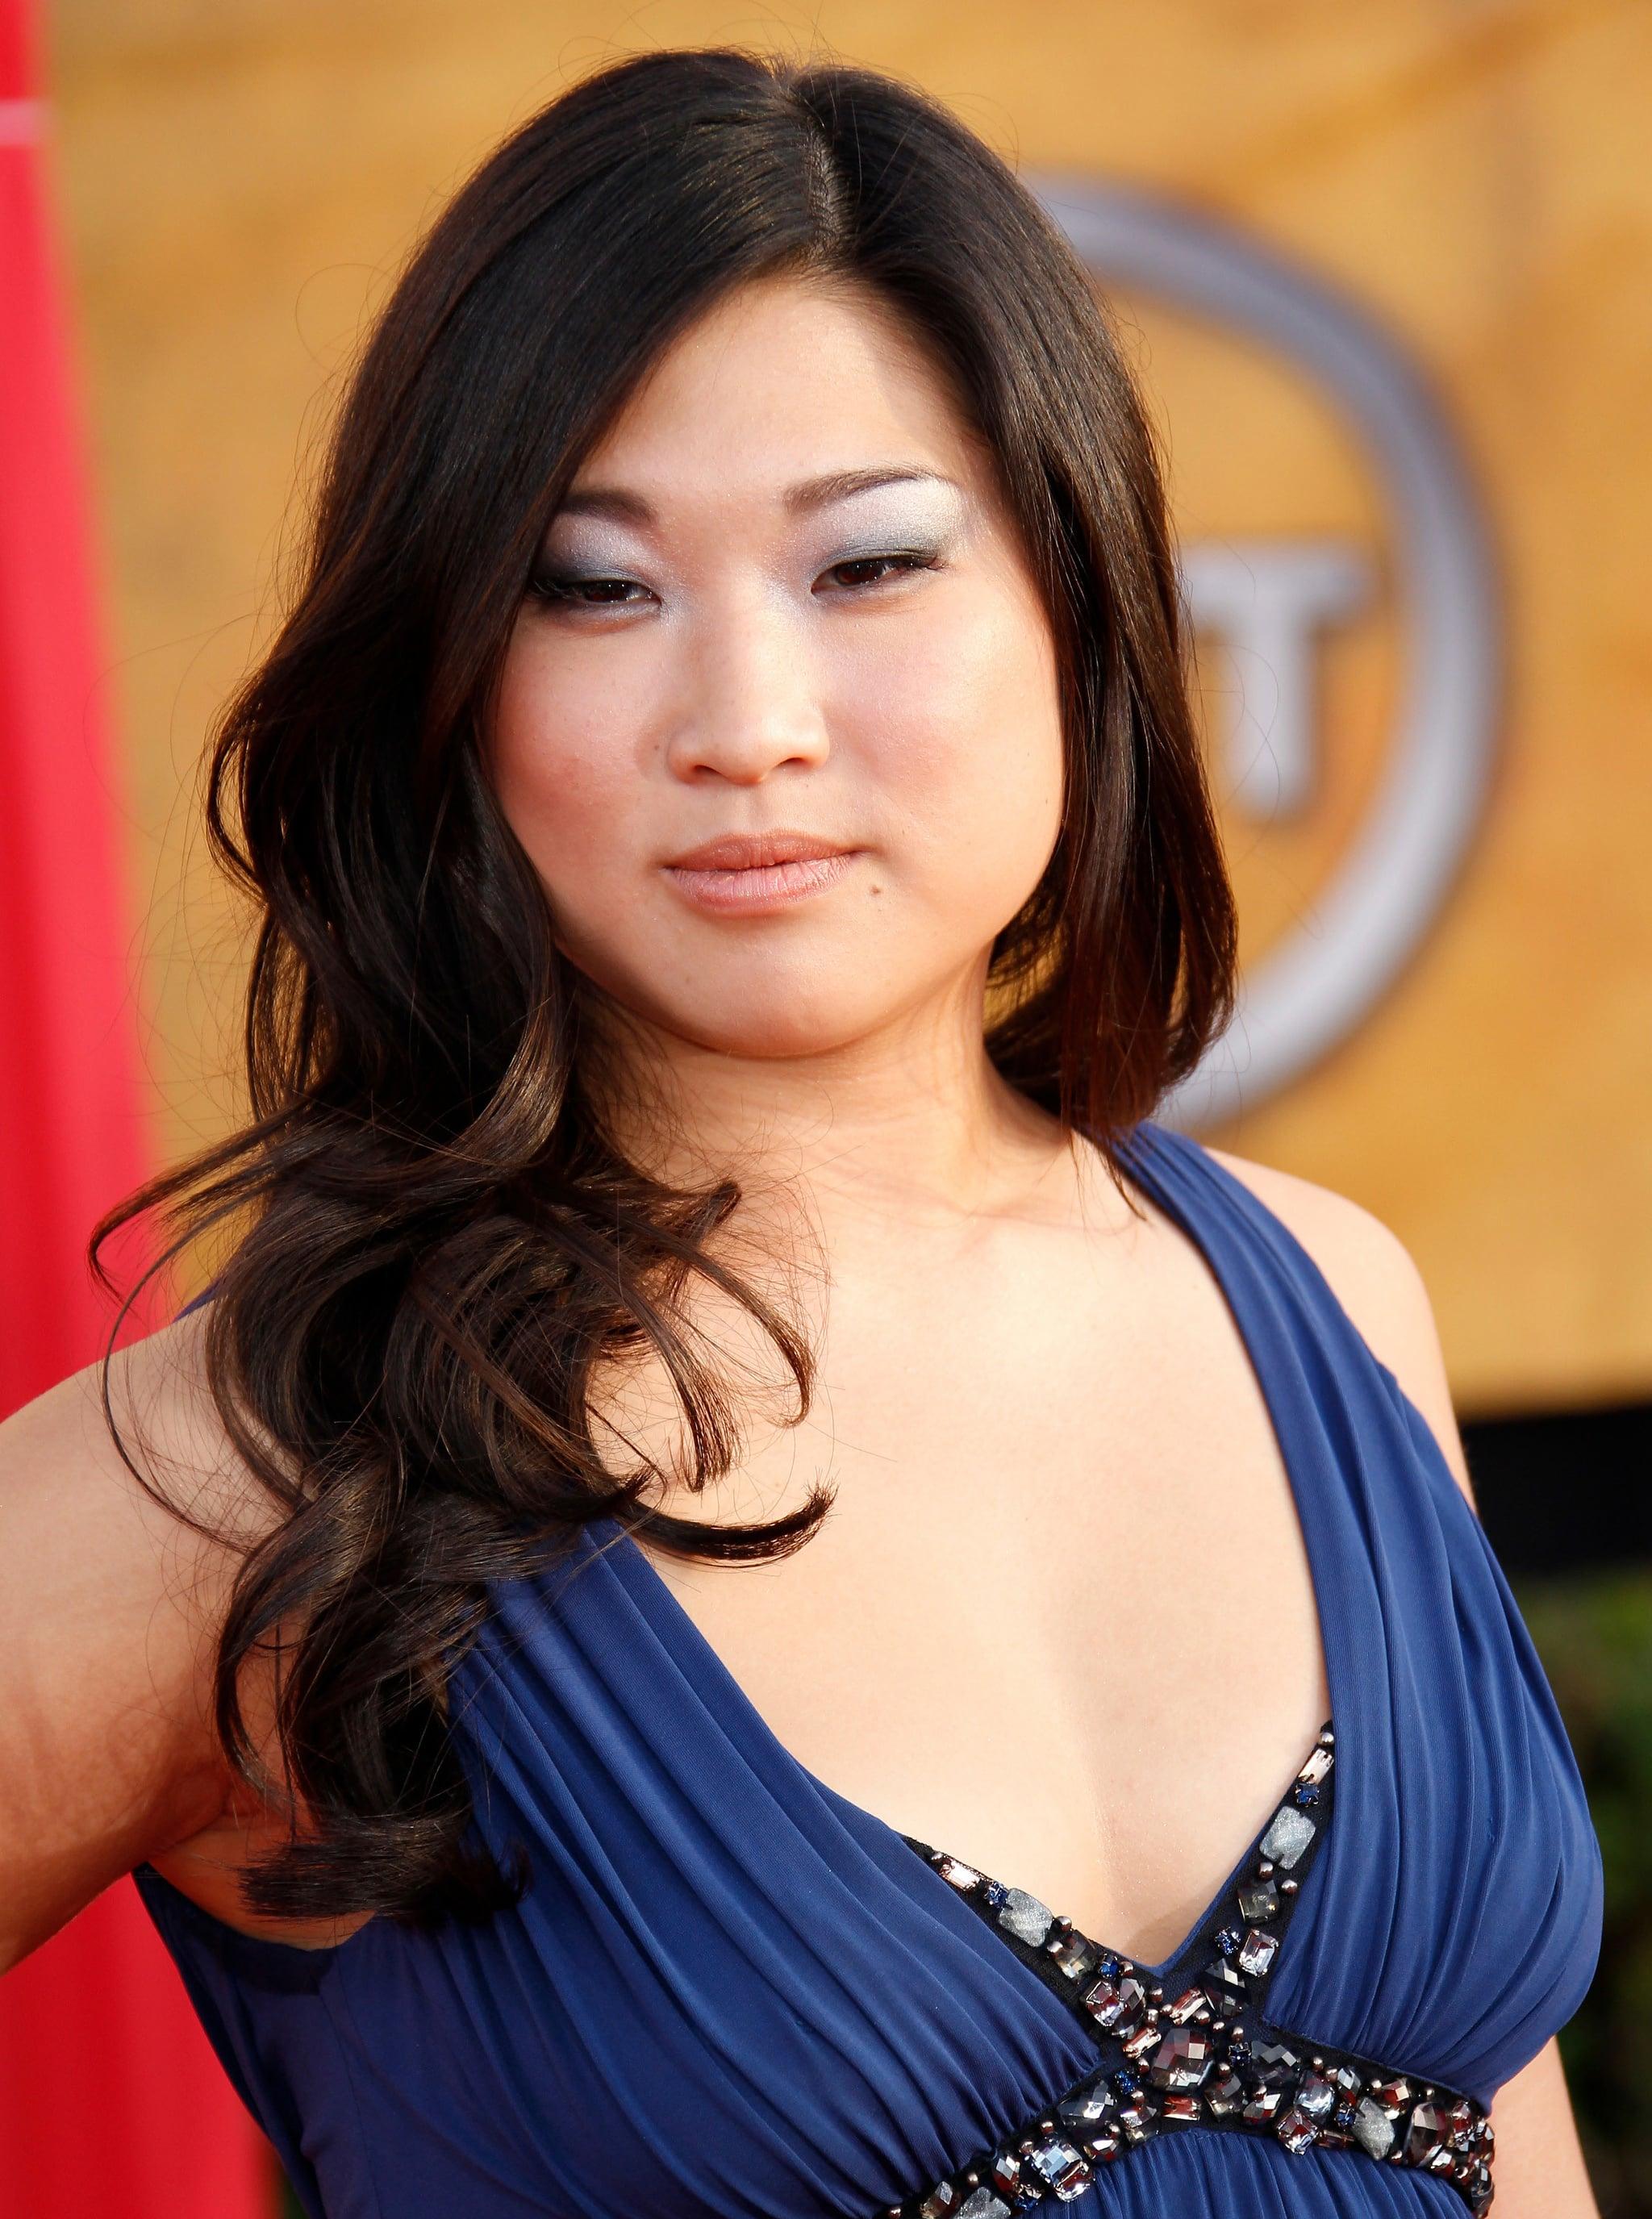 Hit: Jenna Ushkowitz, 2011